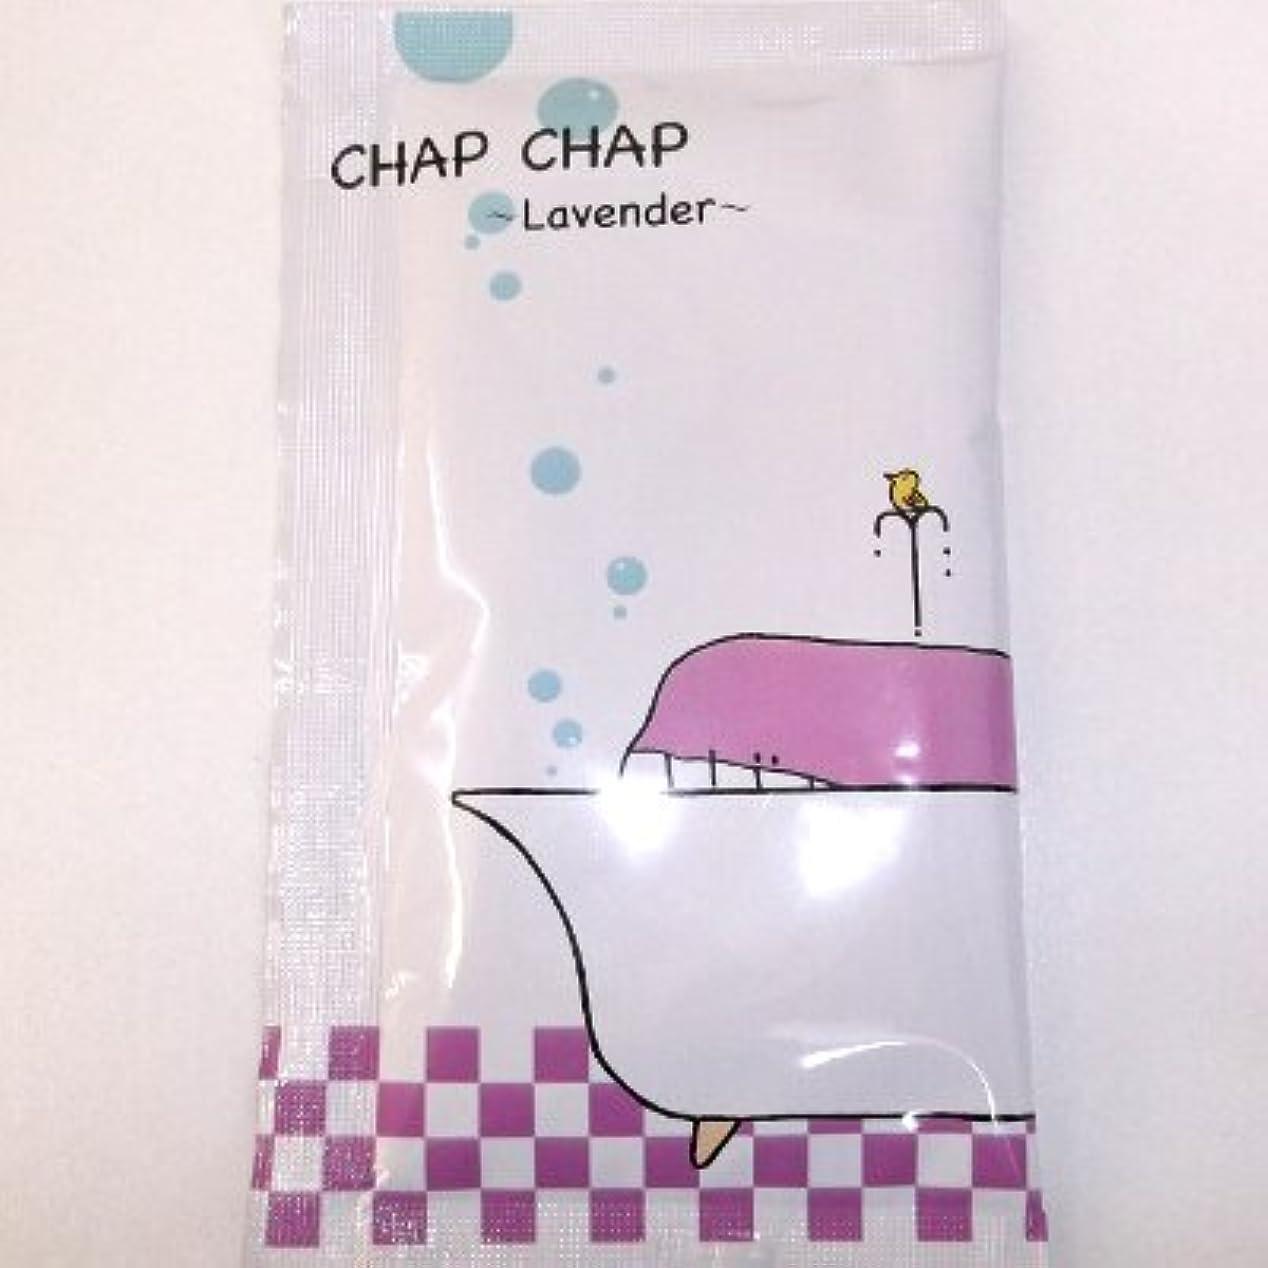 恐れるとても懲戒CHAP CHAP ラベンダーオイルの香り